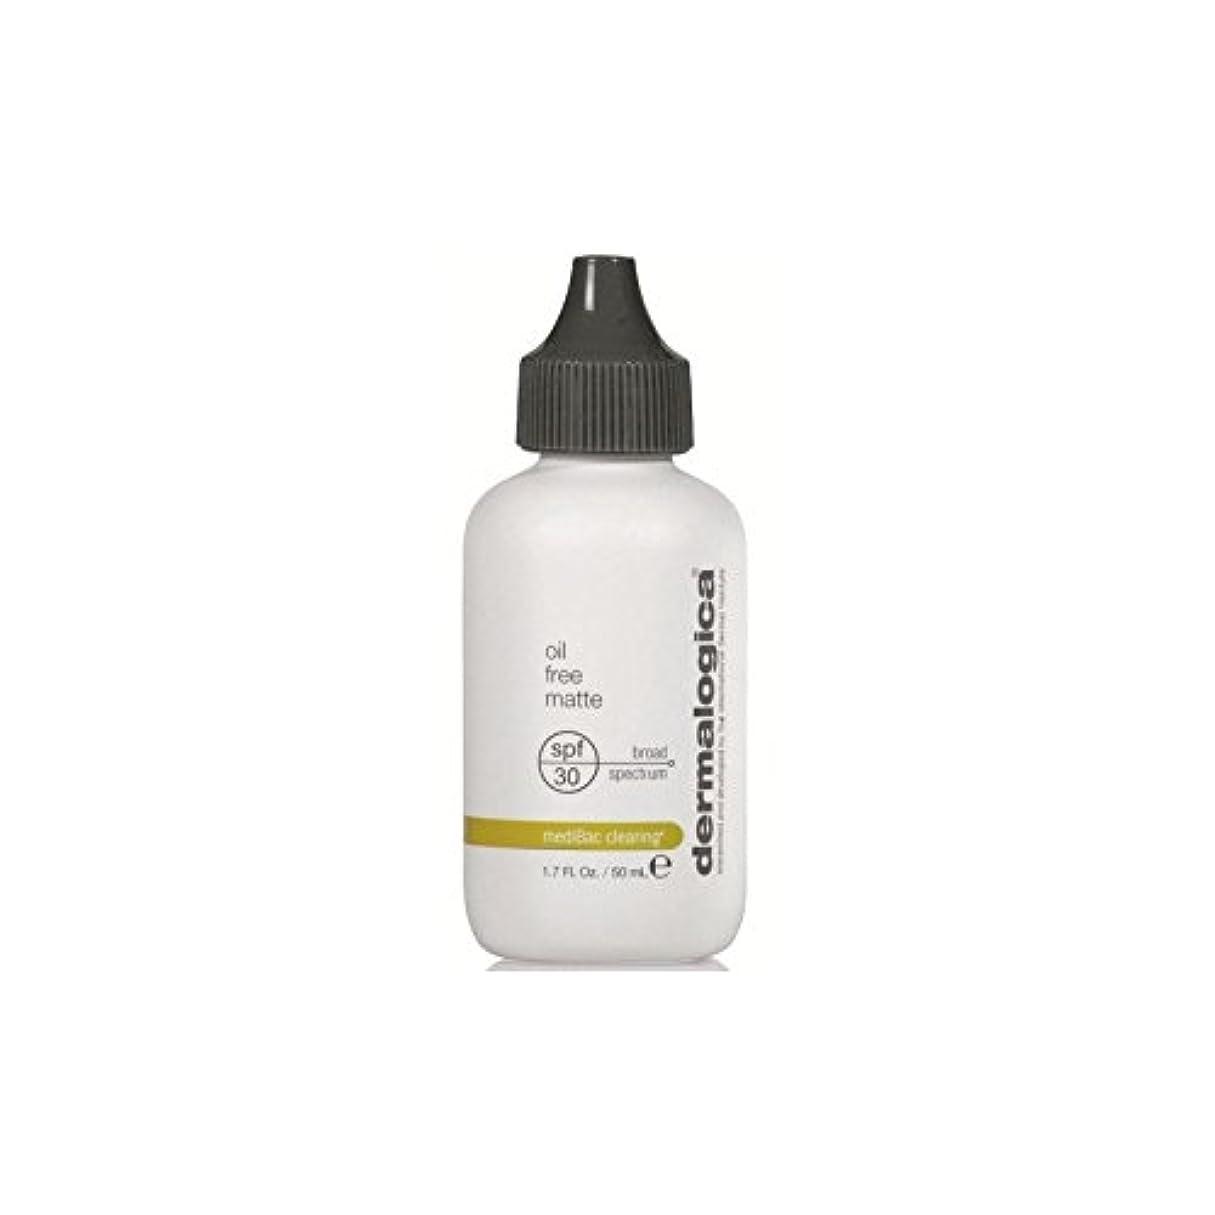 ベアリングサークル有料最大化するDermalogica Oil-Free Matte Spf 30 - ダーマロジカオイルフリーマット 30 [並行輸入品]